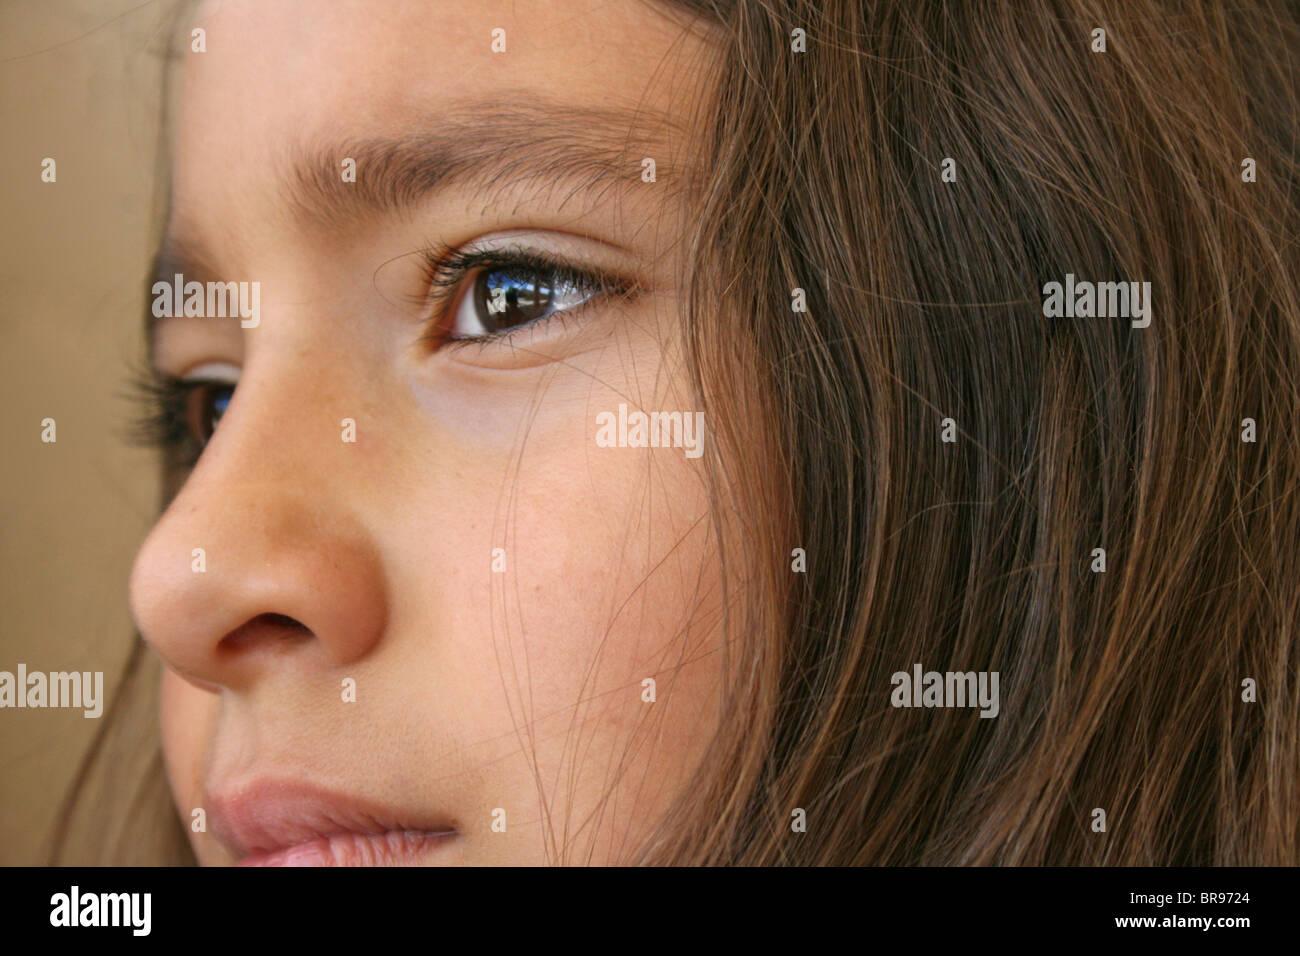 Cerca de chica hispana con expresión de preocupación Imagen De Stock